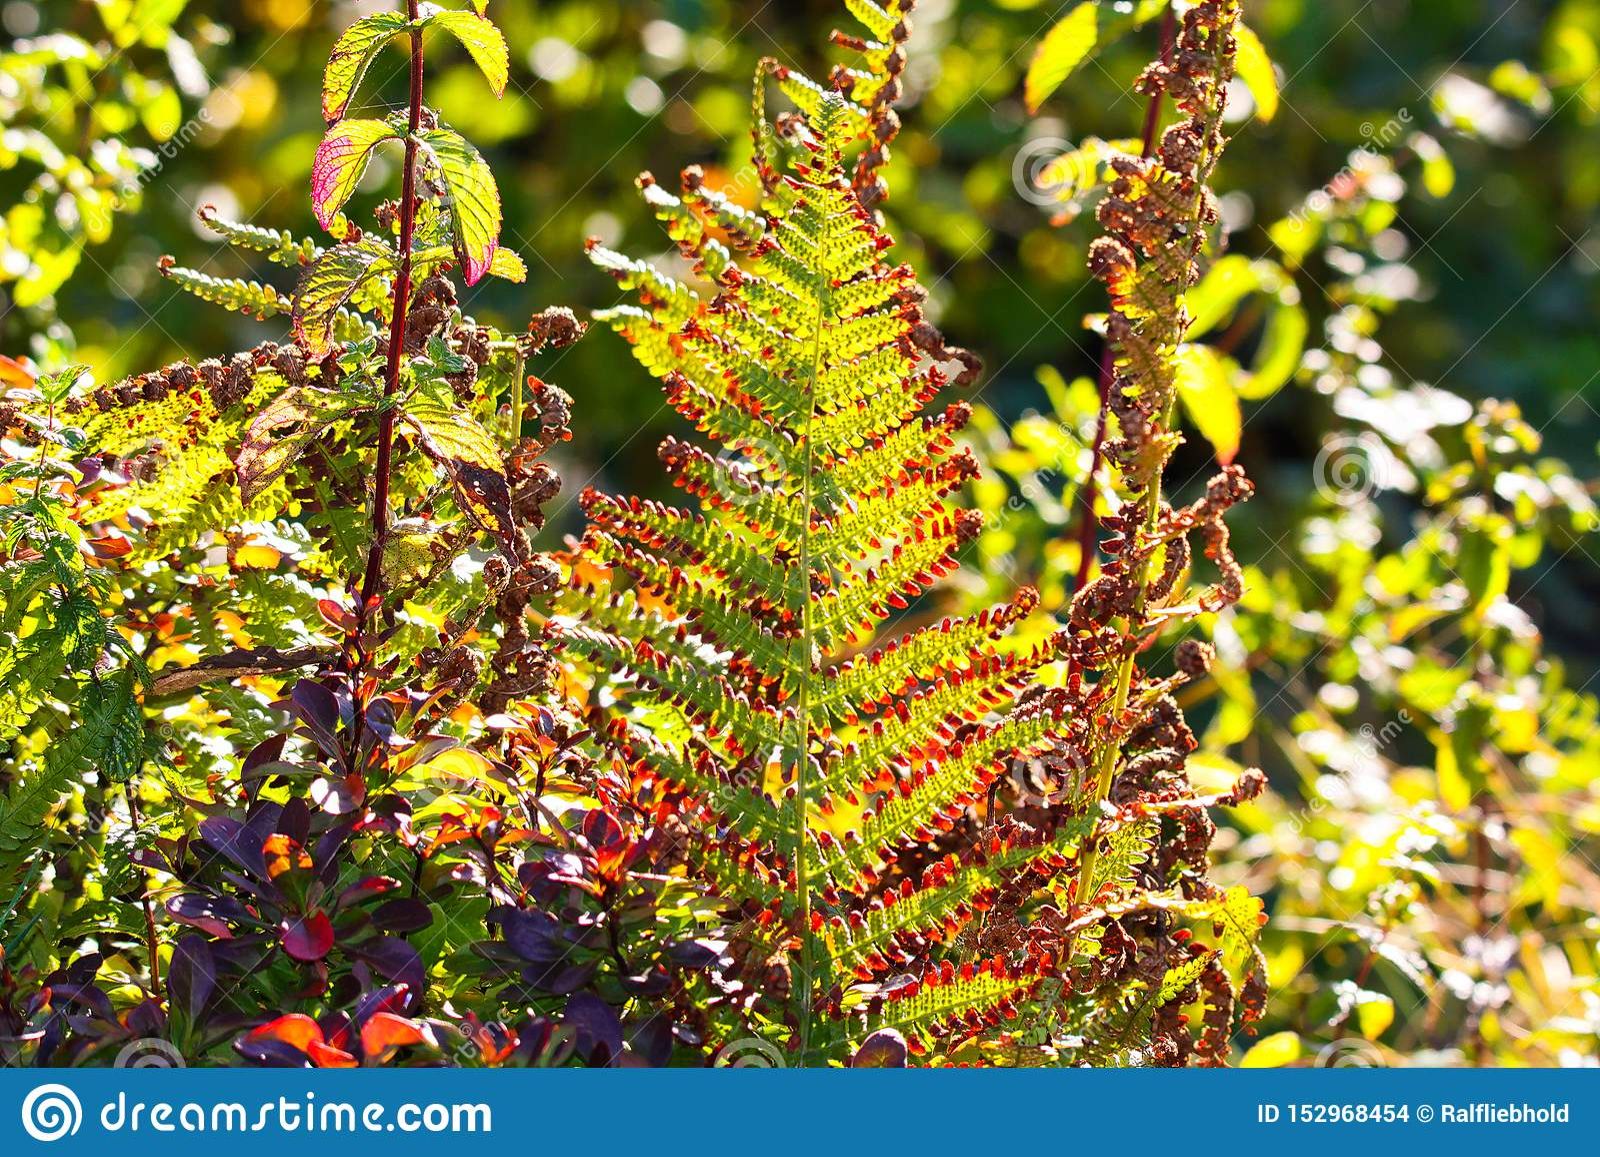 Увяданный зеленый и коричневый папоротник Adlerfarn папоротник-орляка, накалять Aquilinum Pteridium мерцающий в солнце осени - Vi